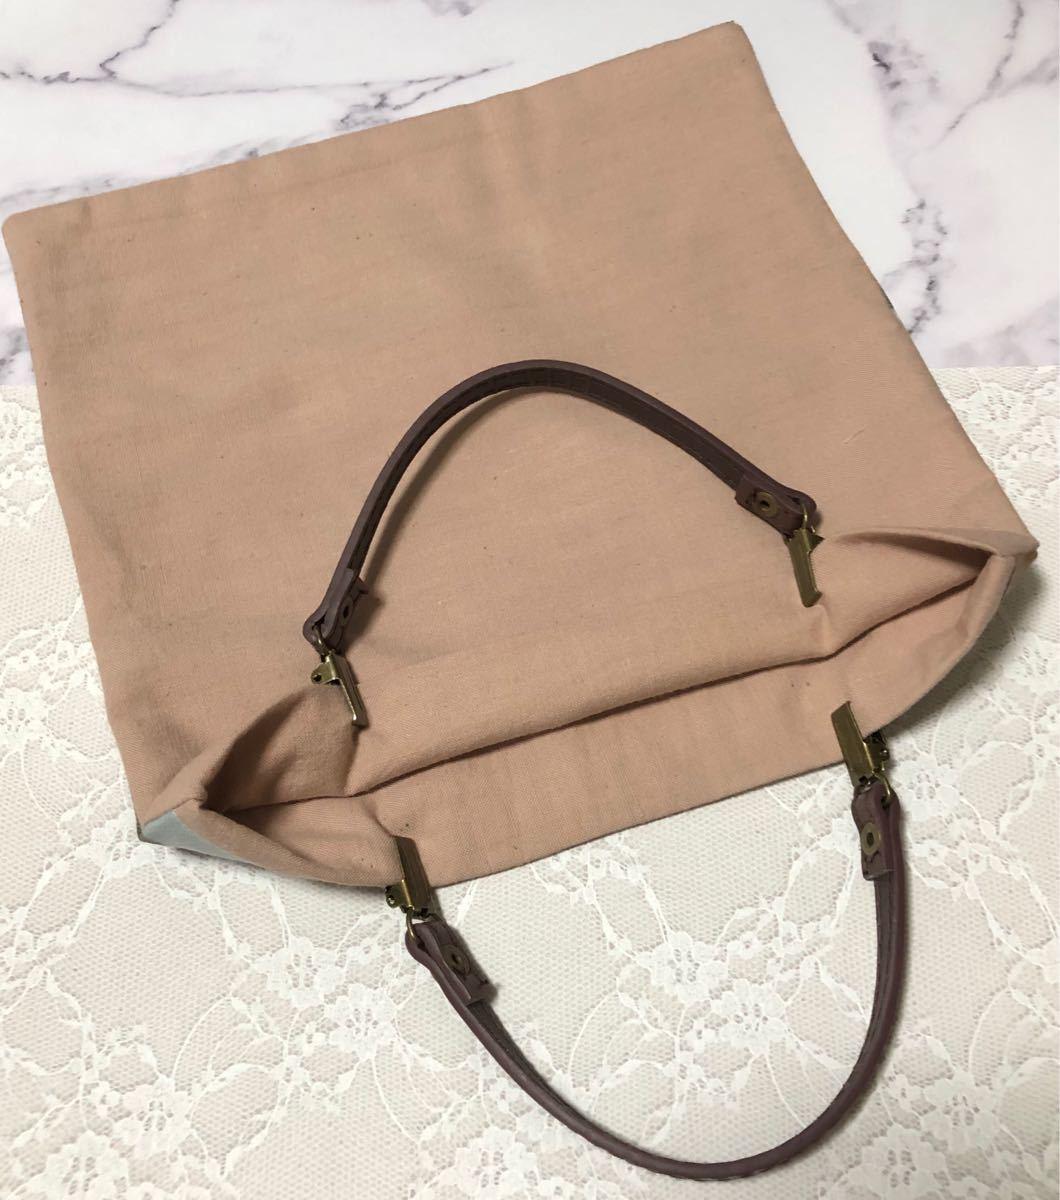 ハンドメイド ミニバッグ バッグインバッグ くまさん テディベア サブバッグ